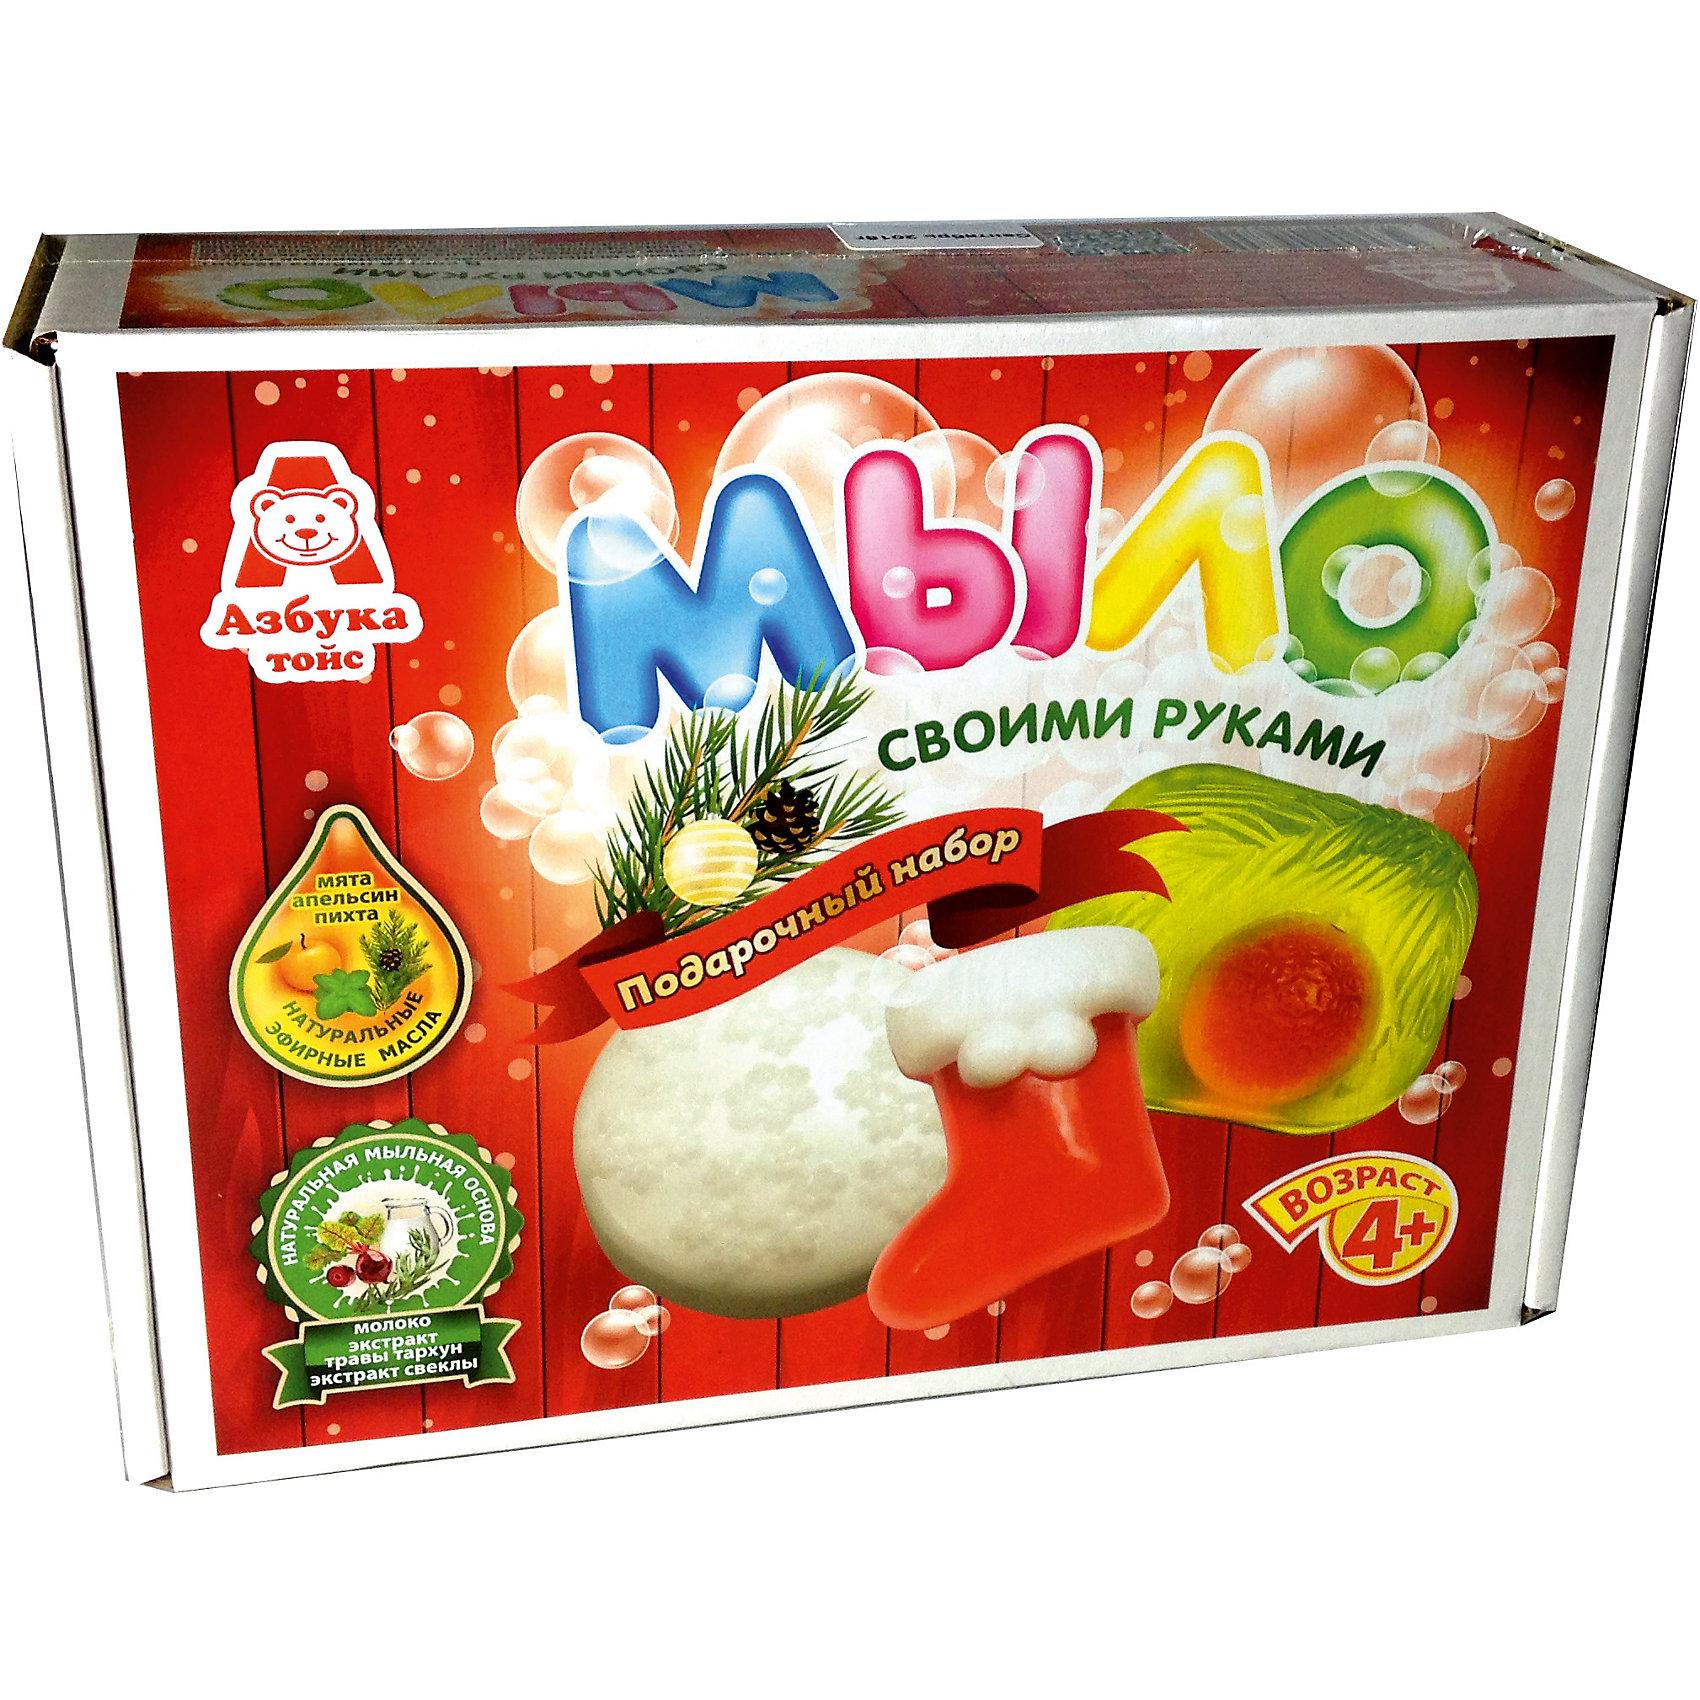 Подарочный набор для мыловарения РождествоСоздание мыла<br>Характеристики товара:<br><br>• упаковка: коробка<br>• количество цветов: 5<br>• возраст: 4+<br>• масса: 400 г<br>• габариты: 70х220х170 мм<br>• комплектация: натуральная мыльная основа (5 видов), эфирное масло (5 видов), деревянная палочка, емкость для растапливания, формочки - 5 шт., инструкция<br>• страна бренда: РФ<br>• страна изготовитель: РФ<br><br>Мыловарение – интересный и необычный способ занять малыша. Ошибочно полагать, что создавать мыло – творчество только для девочек. В новом наборе формочки позволяют варить мыло в форме различных предметов. На выходе у ребенка получится настоящее мыло, готовое к использованию. Благодаря эфирным маслам оно будет приятно пахнуть. В наборе есть все необходимое для создания продукта.<br>Набор станет отличным подарком ребенку, так как он сможет сам сделать полезную вещь для себя или в качестве подарка близким! Материалы, использованные при изготовлении товара, сертифицированы и отвечают всем международным требованиям по качеству. <br><br>Набор Мыло Рождество от бренда Азбука Тойс можно приобрести в нашем интернет-магазине.<br><br>Ширина мм: 220<br>Глубина мм: 70<br>Высота мм: 170<br>Вес г: 400<br>Возраст от месяцев: 48<br>Возраст до месяцев: 96<br>Пол: Унисекс<br>Возраст: Детский<br>SKU: 5062862